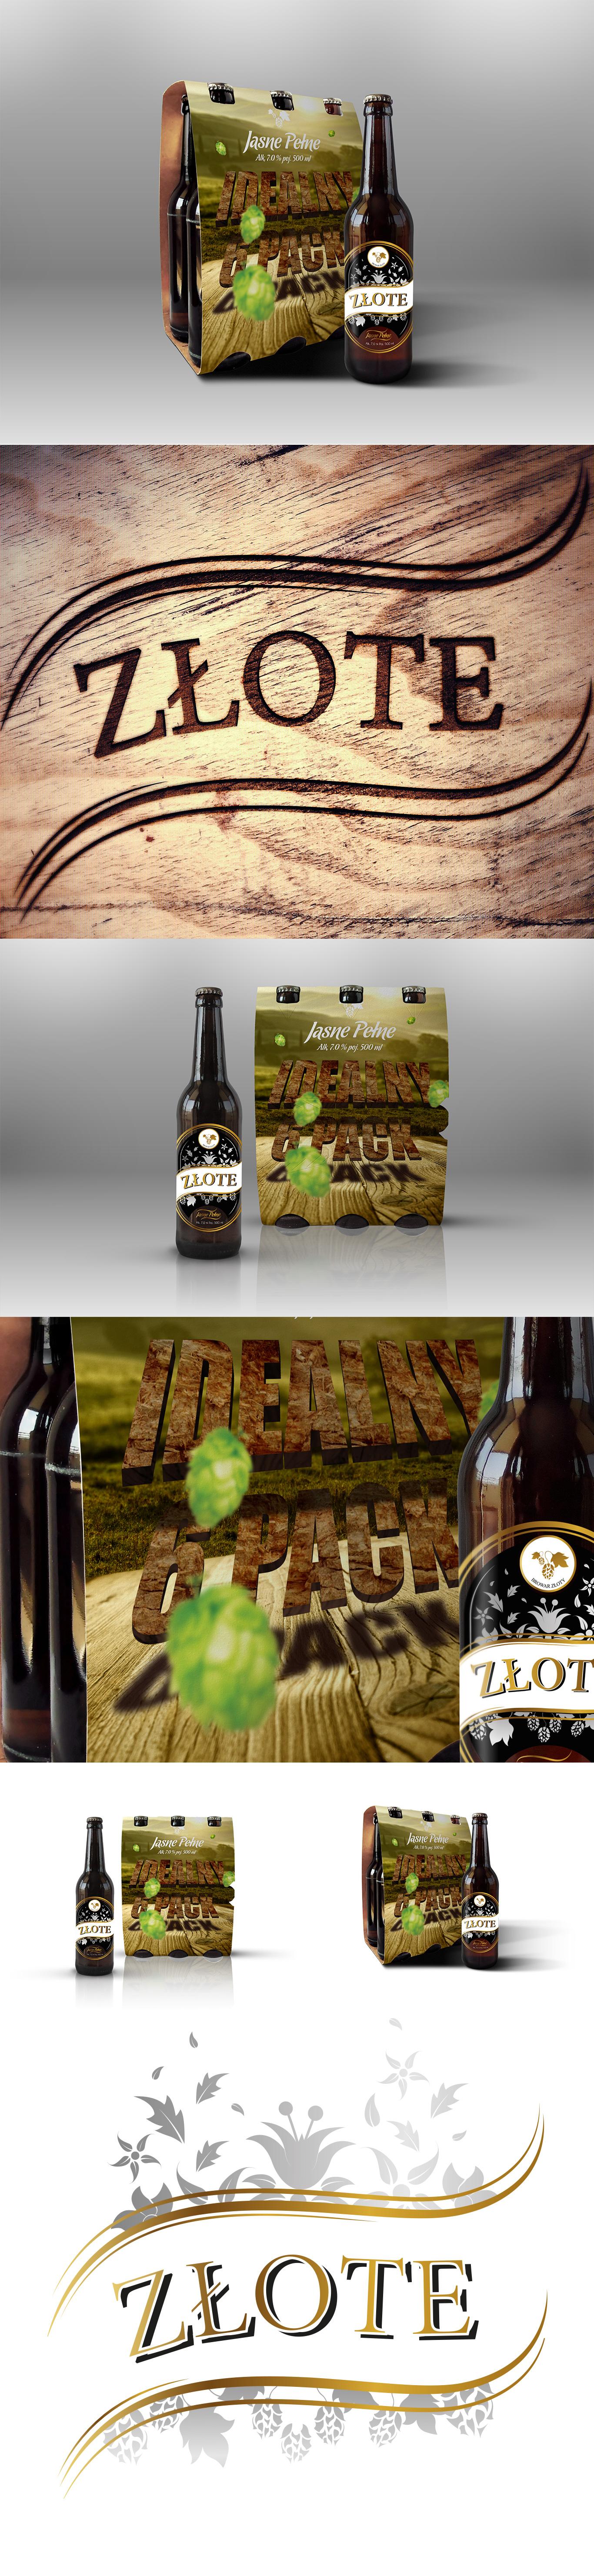 Wizualizacja projektu opakowania na piwo